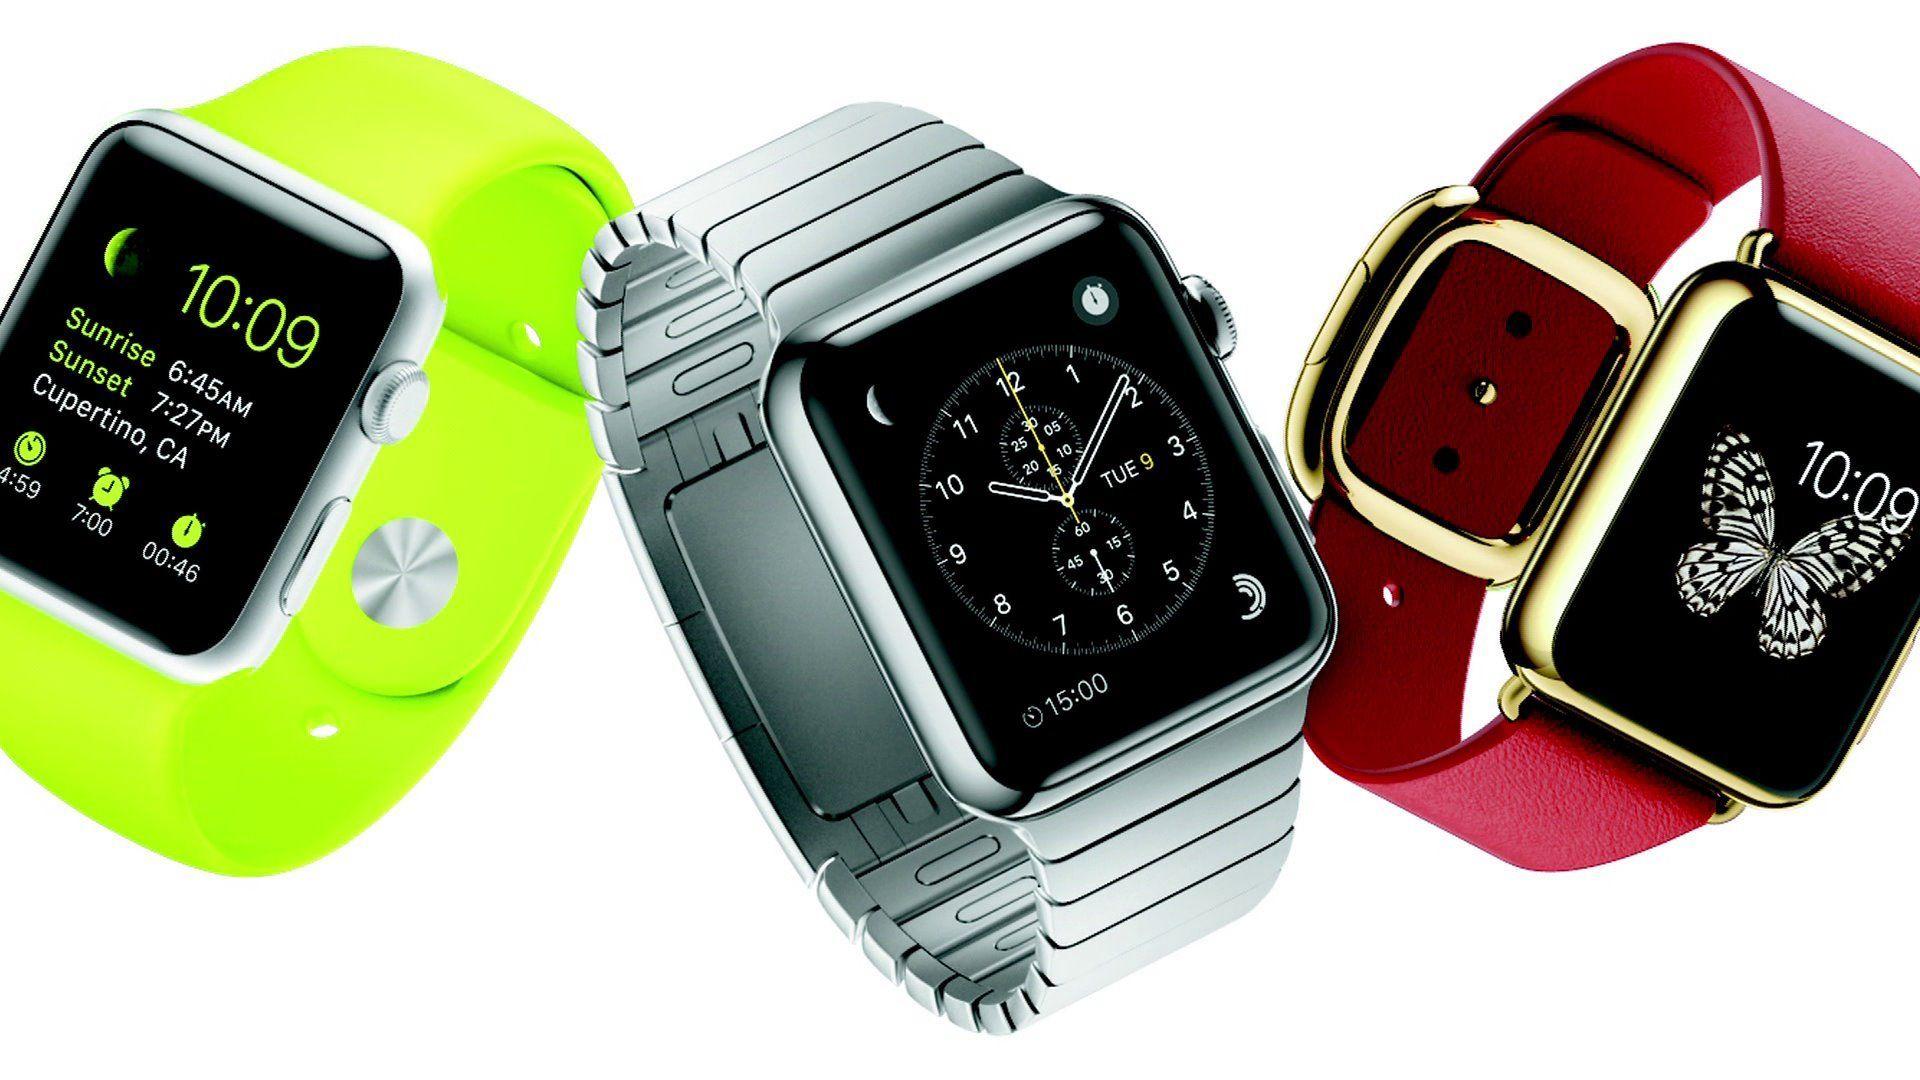 Smartwatch 1080p wallpaper